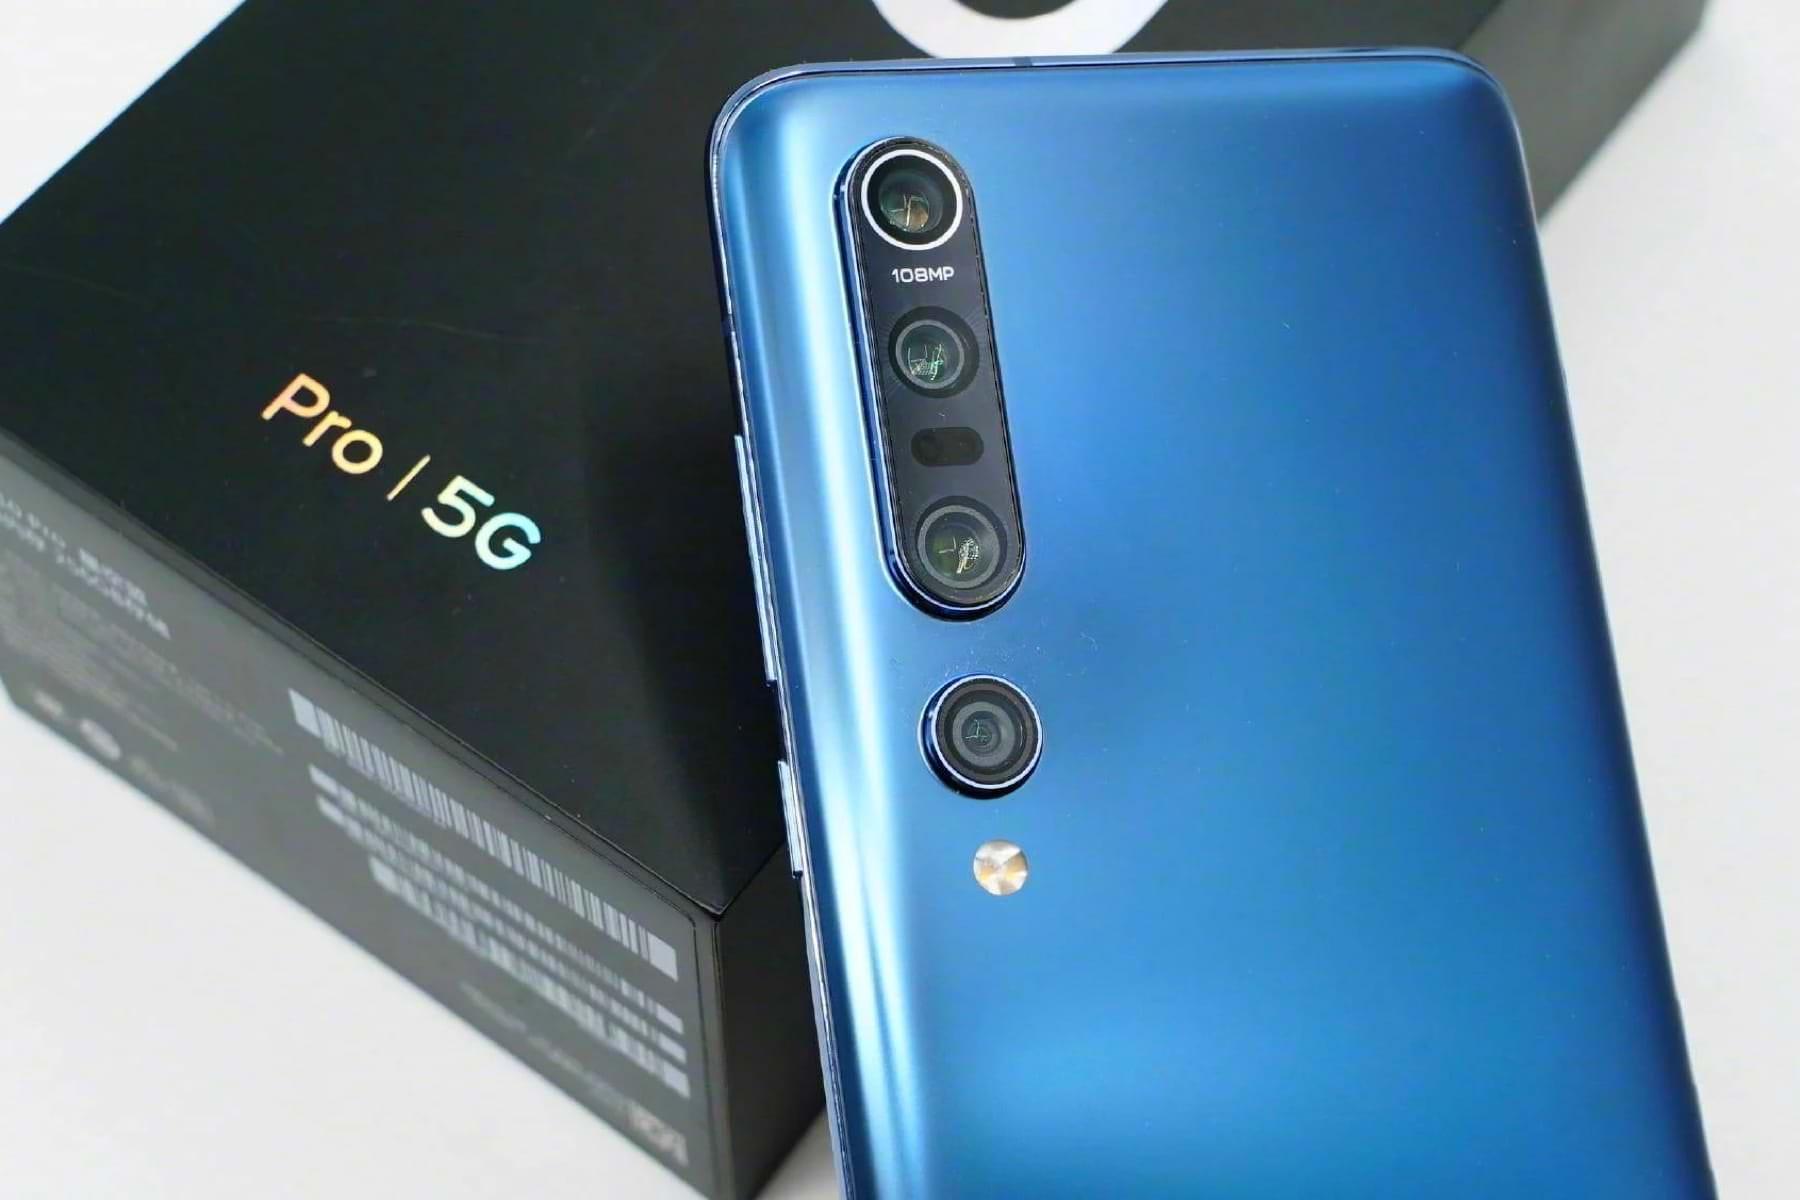 شیائومی می 11   Xiaomi Mi 11 با دوربین 108 مگاپیکسلی و نمایشگر منحنی